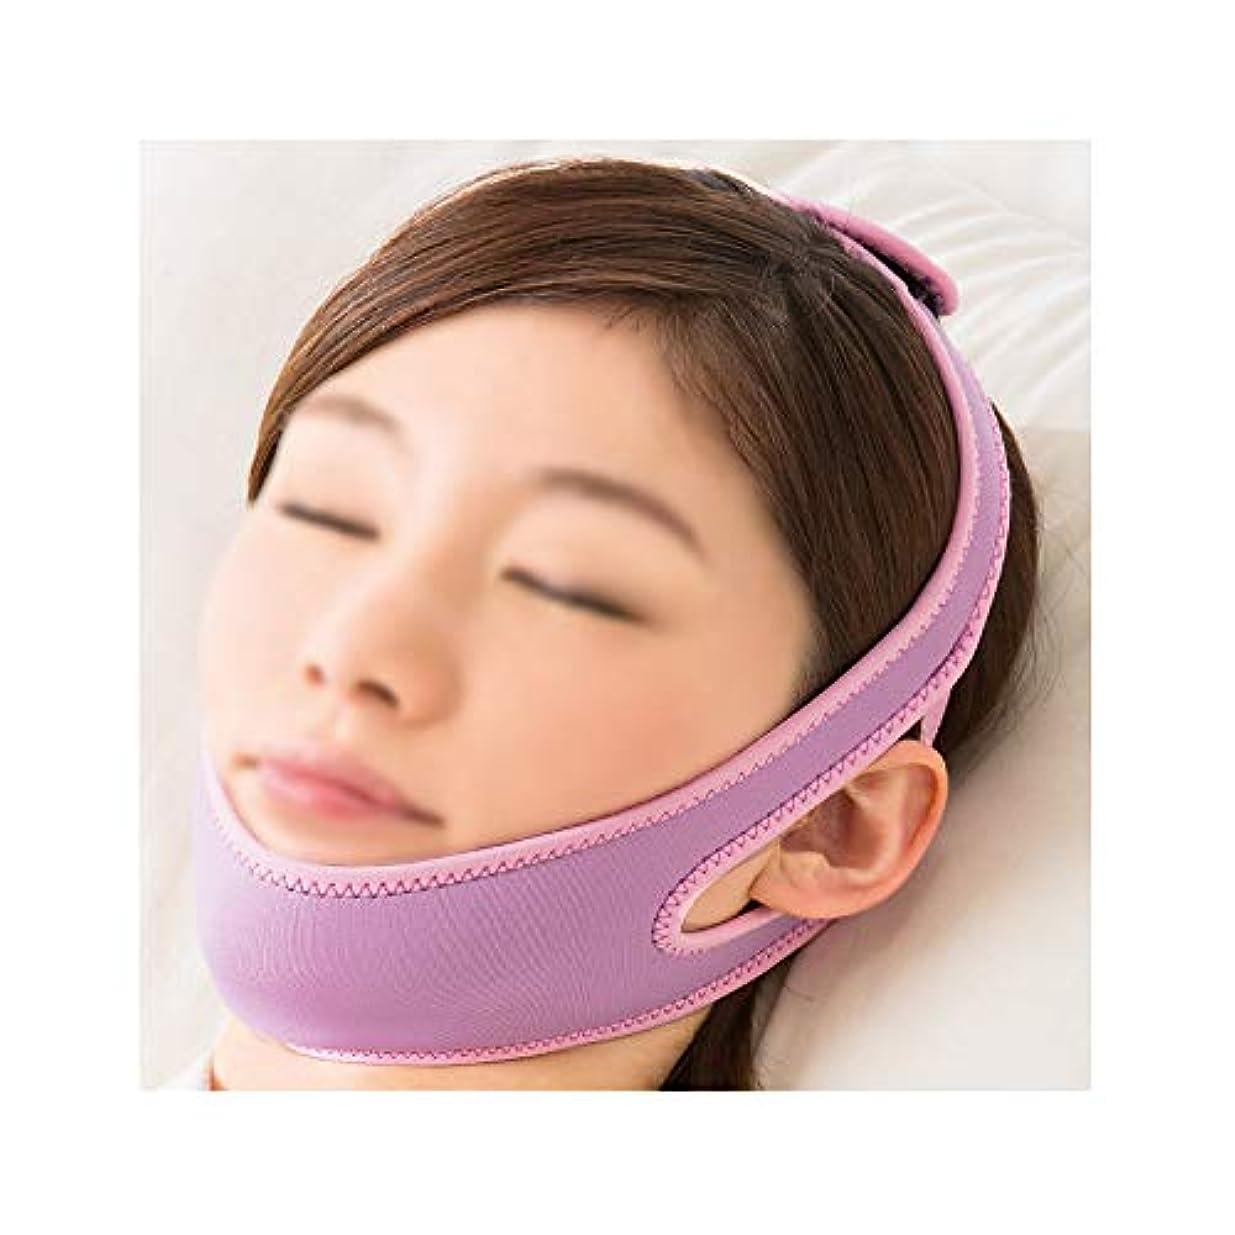 格納日食輸血TLMY マスクフェイスリフトアーチファクトマスク垂れ顔小さいVフェイス包帯通気性睡眠両面あごスーツ睡眠弾性痩身ベルト 顔用整形マスク